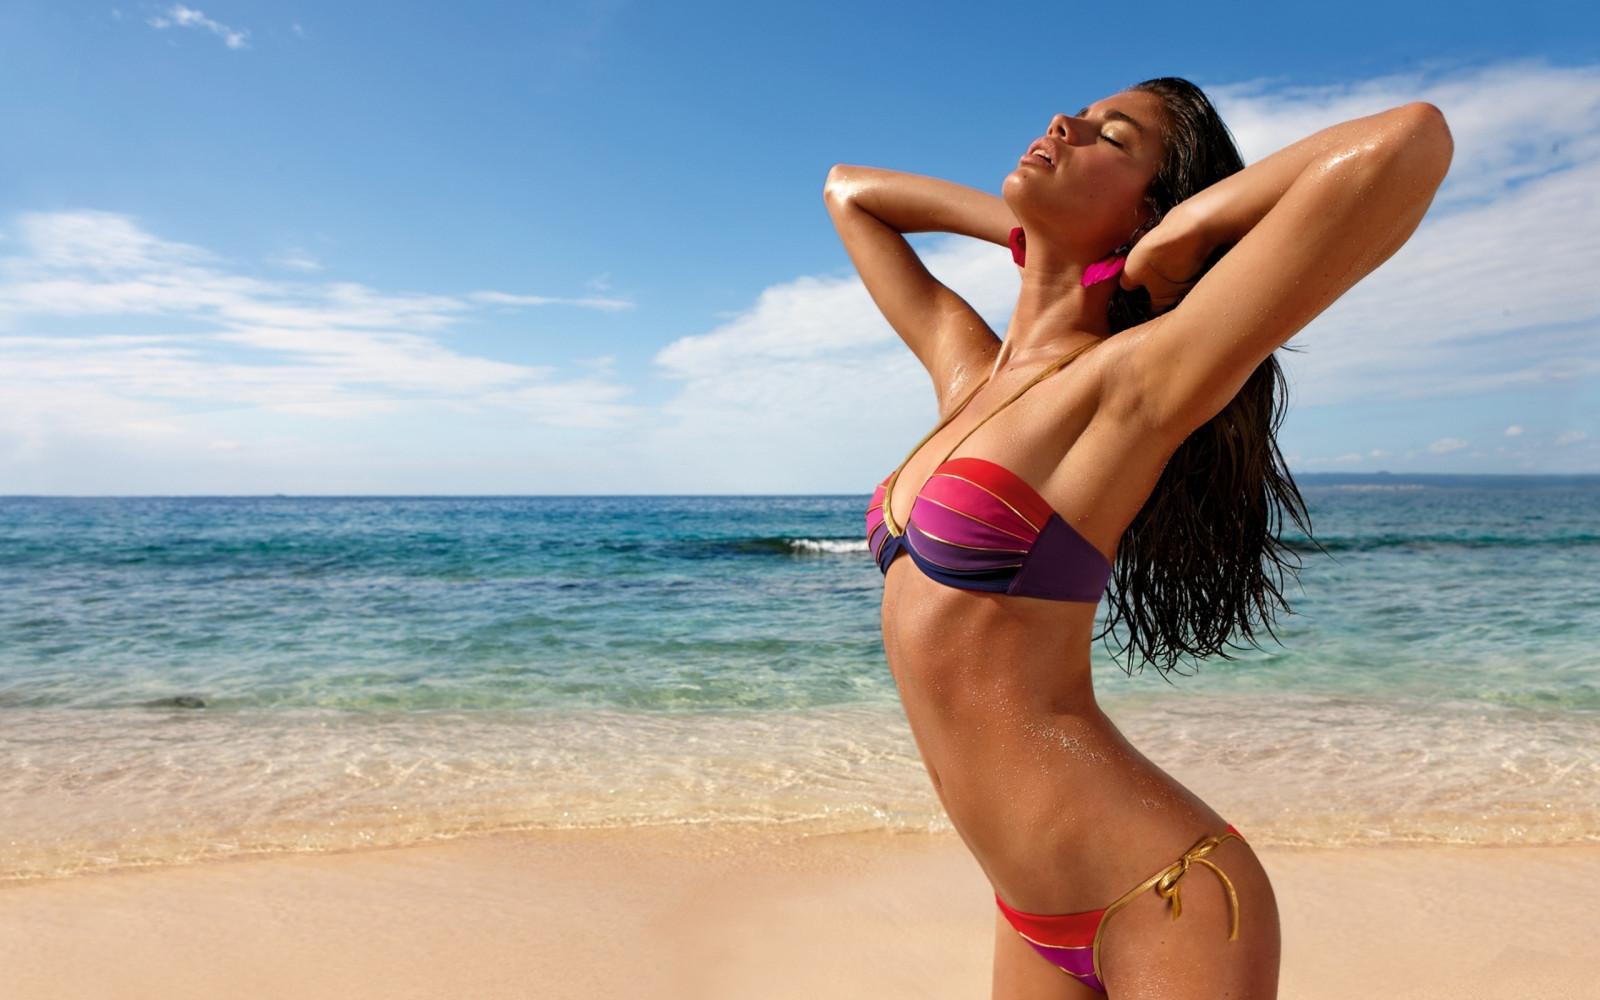 Пляж фото крас девушек